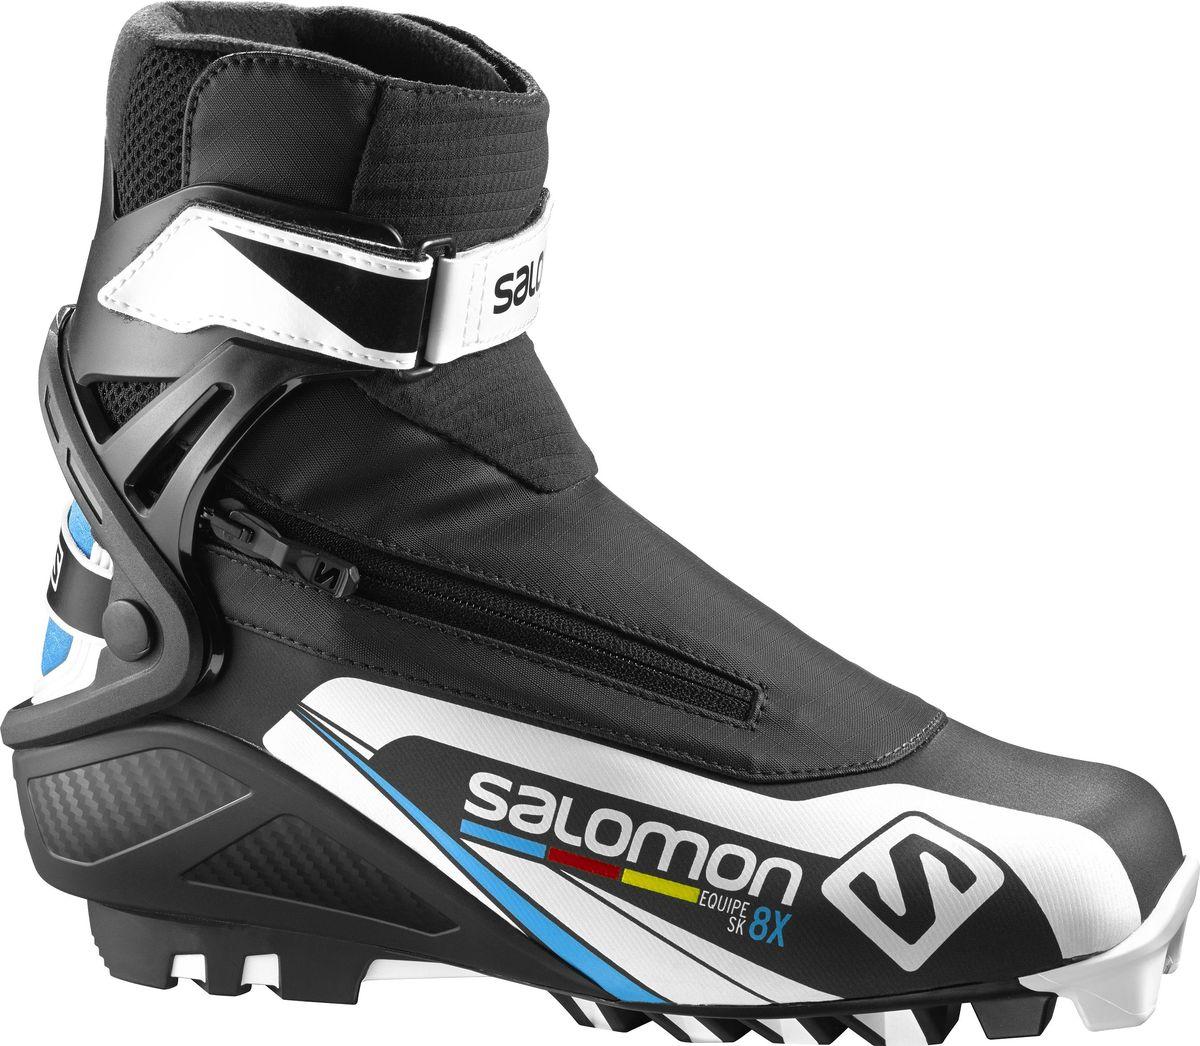 Ботинки для беговых лыж Salomon Equipe 8X Skate, цвет: черный. Размер 11 (44,5)L39187800В ботинках Equipe 8X Skate совмещены системы термоформовки Custom fit с инновационной раздельной системой быстрого шнурования для великолепного комфорта. Манжета Energyzer cuff обеспечит мощную и прогрессивную боковую поддержку. Для любителей лыжного спорта, ценящих рабочие характеристики и желающих приобрести ботинки по доступной цене.